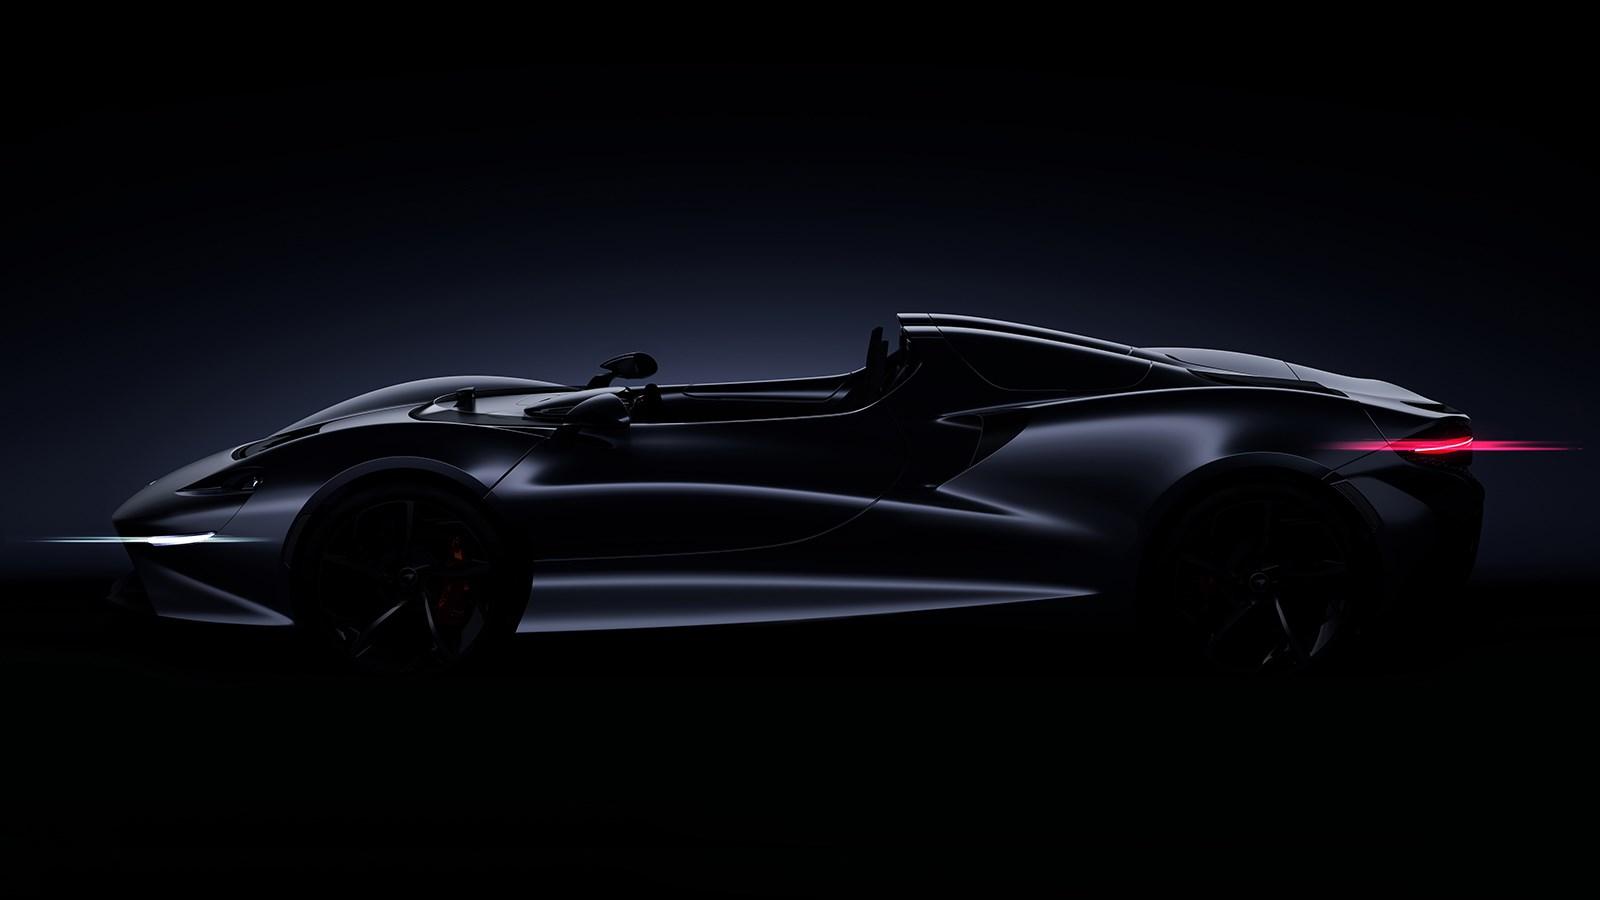 マクラーレン、新型ハイパーカーを予告。399台限定で販売